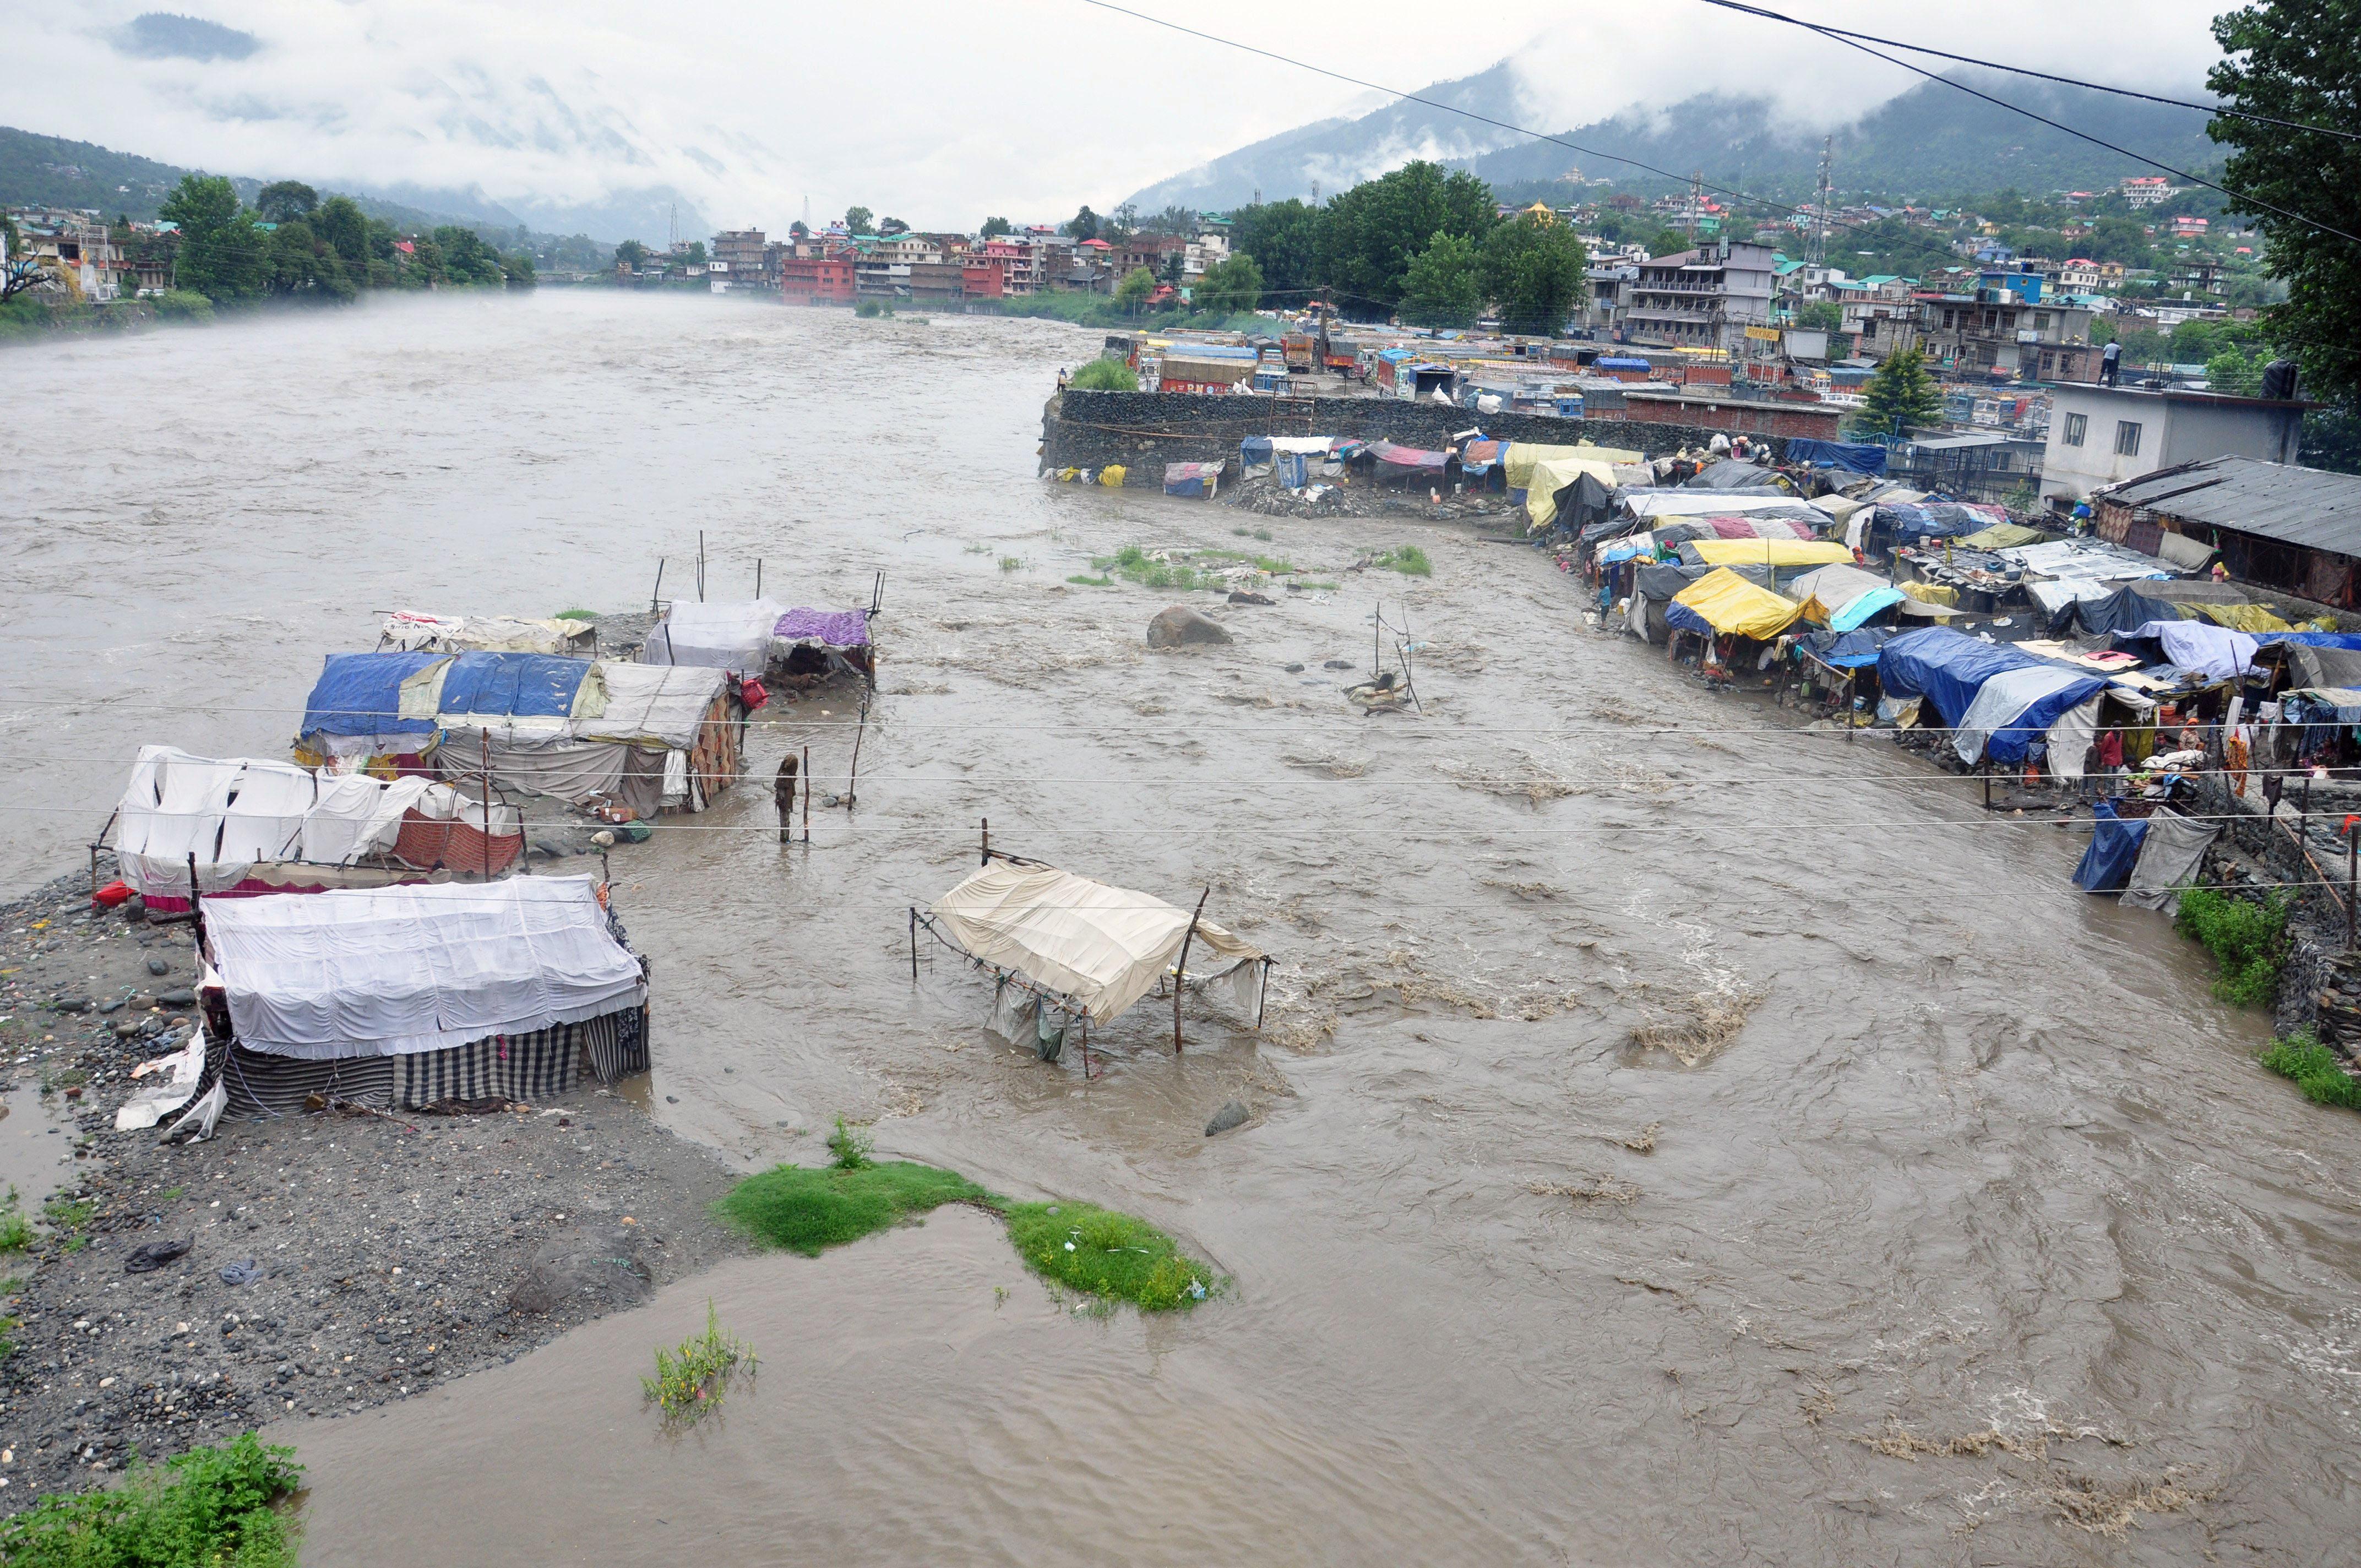 कुल्लू में भारी बारिश के बाद ब्यास नदी के आस-पास बने घरों तक पानी पहुंच गया।